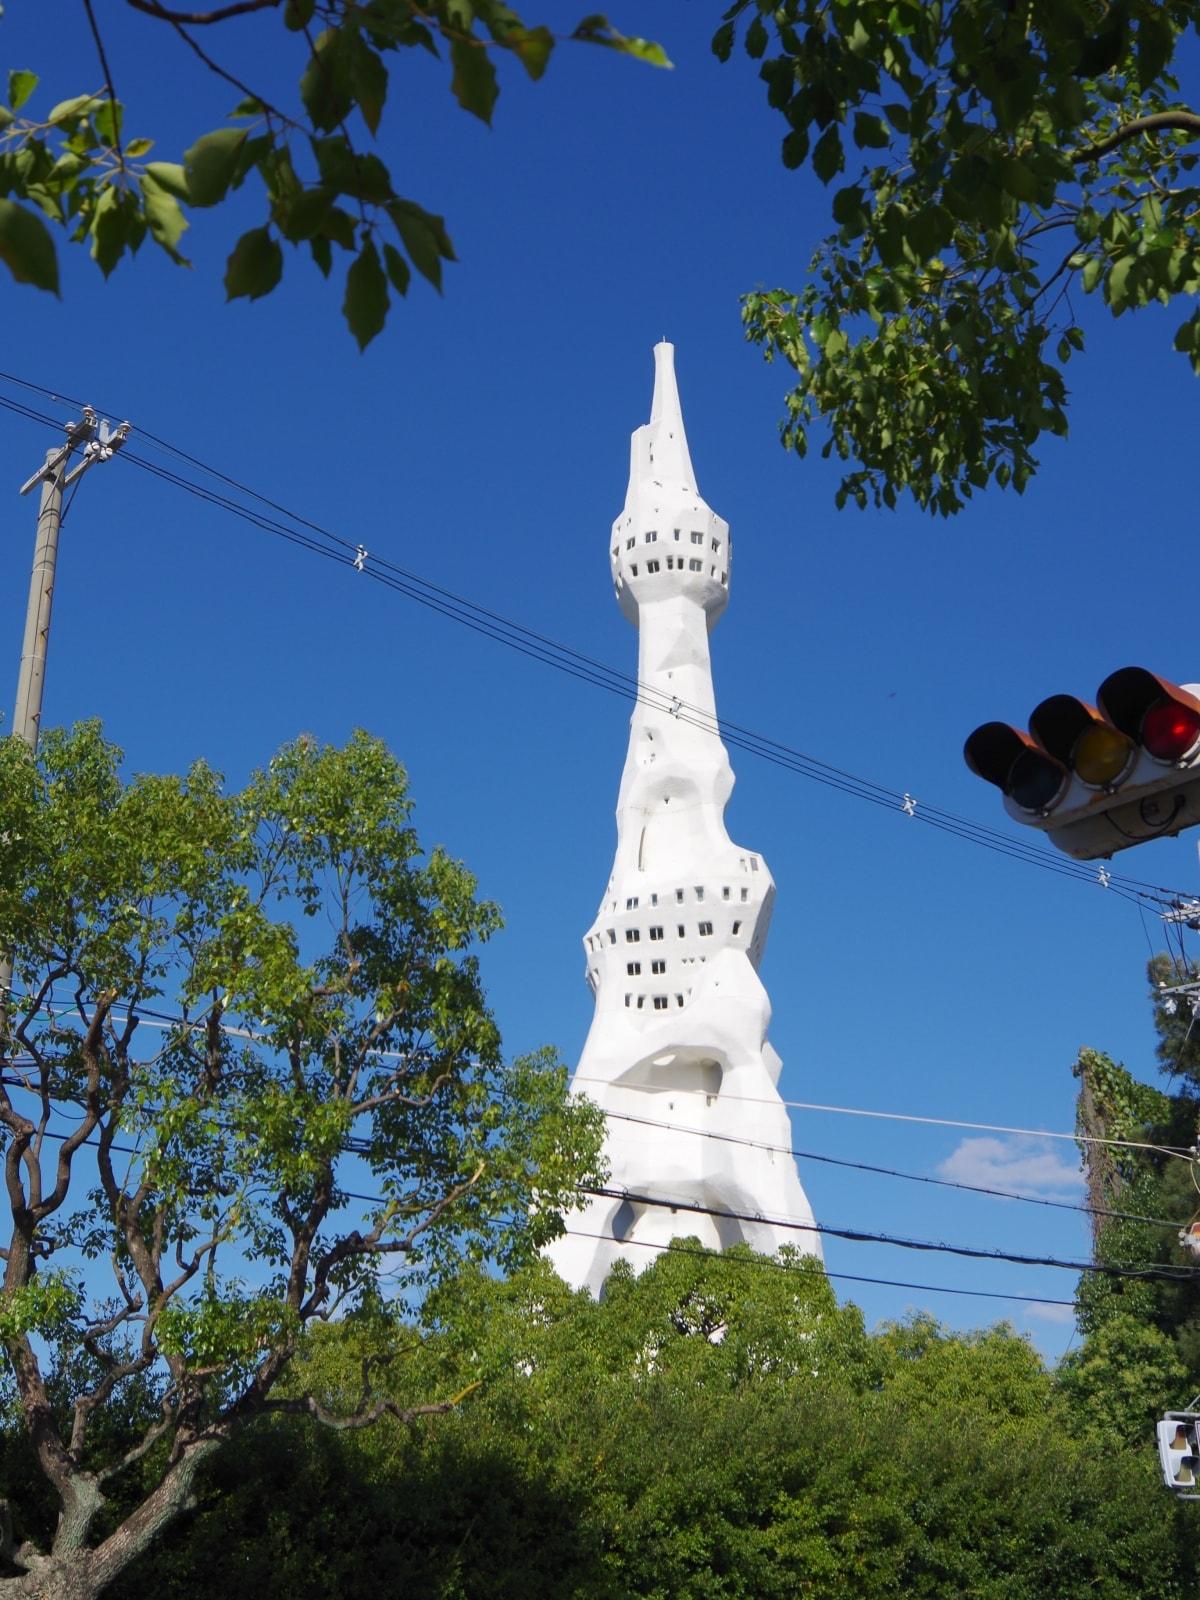 หอคอย PL Tower หรือว่านี่คือที่เที่ยวใหม่ของโอซาก้า??